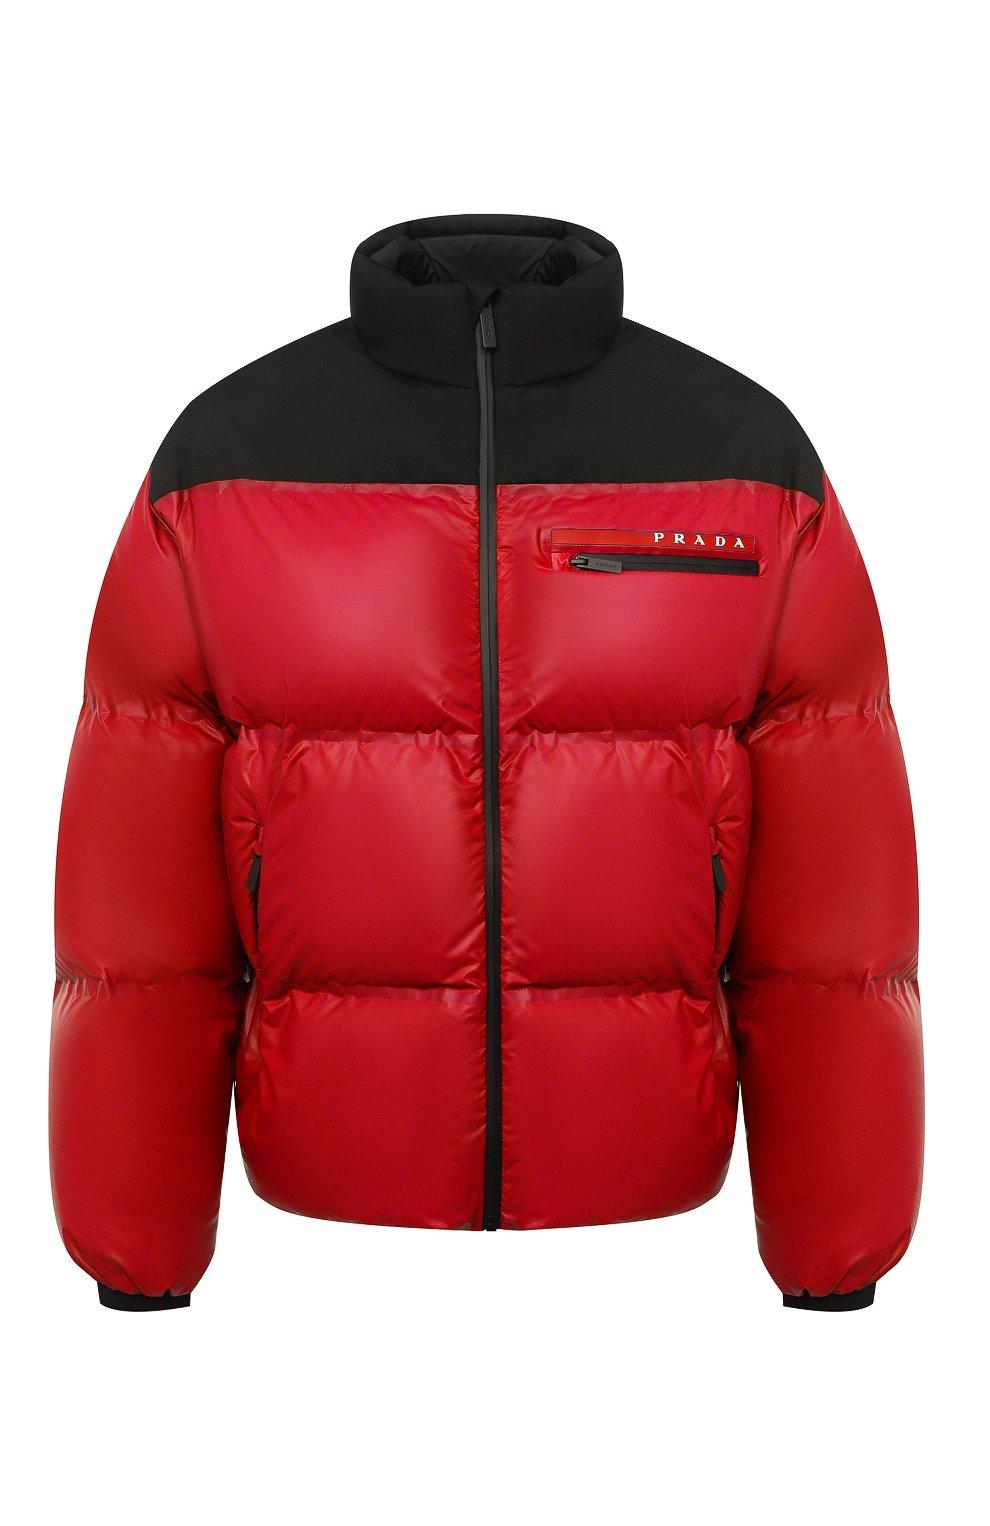 Мужская пуховая куртка PRADA красного цвета, арт. SGX257-1T2Y-F0927-202 | Фото 1 (Кросс-КТ: Куртка; Мужское Кросс-КТ: пуховик-короткий; Рукава: Длинные; Материал внешний: Синтетический материал; Длина (верхняя одежда): Короткие; Стили: Минимализм)